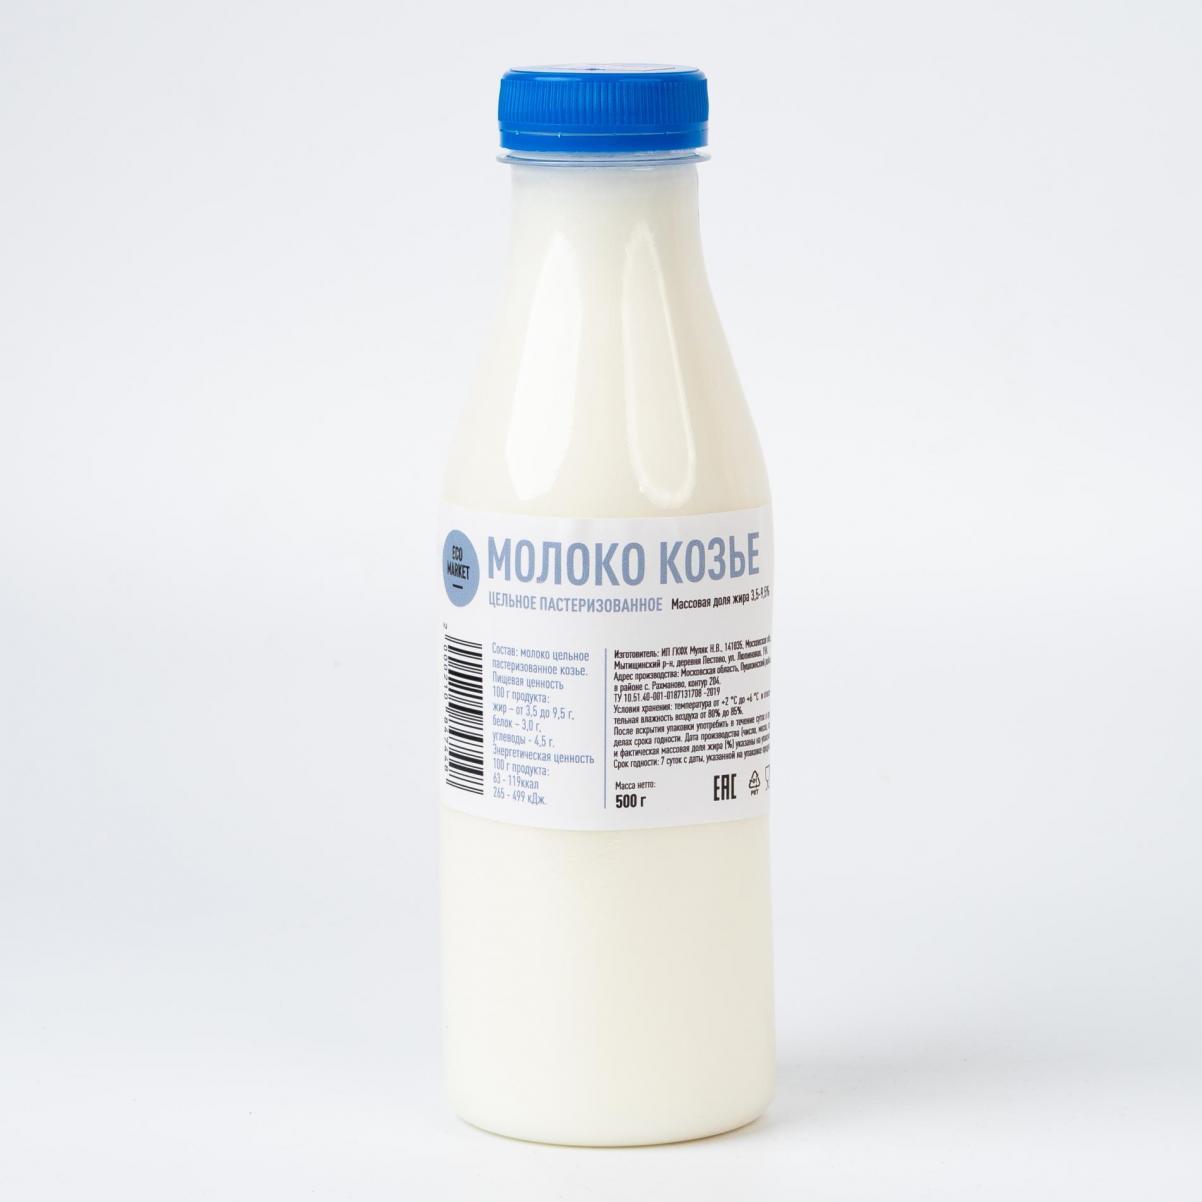 Молоко козье цельное пастеризованное Ecomarket.ru 3,5 - 9,5% - 500 мл